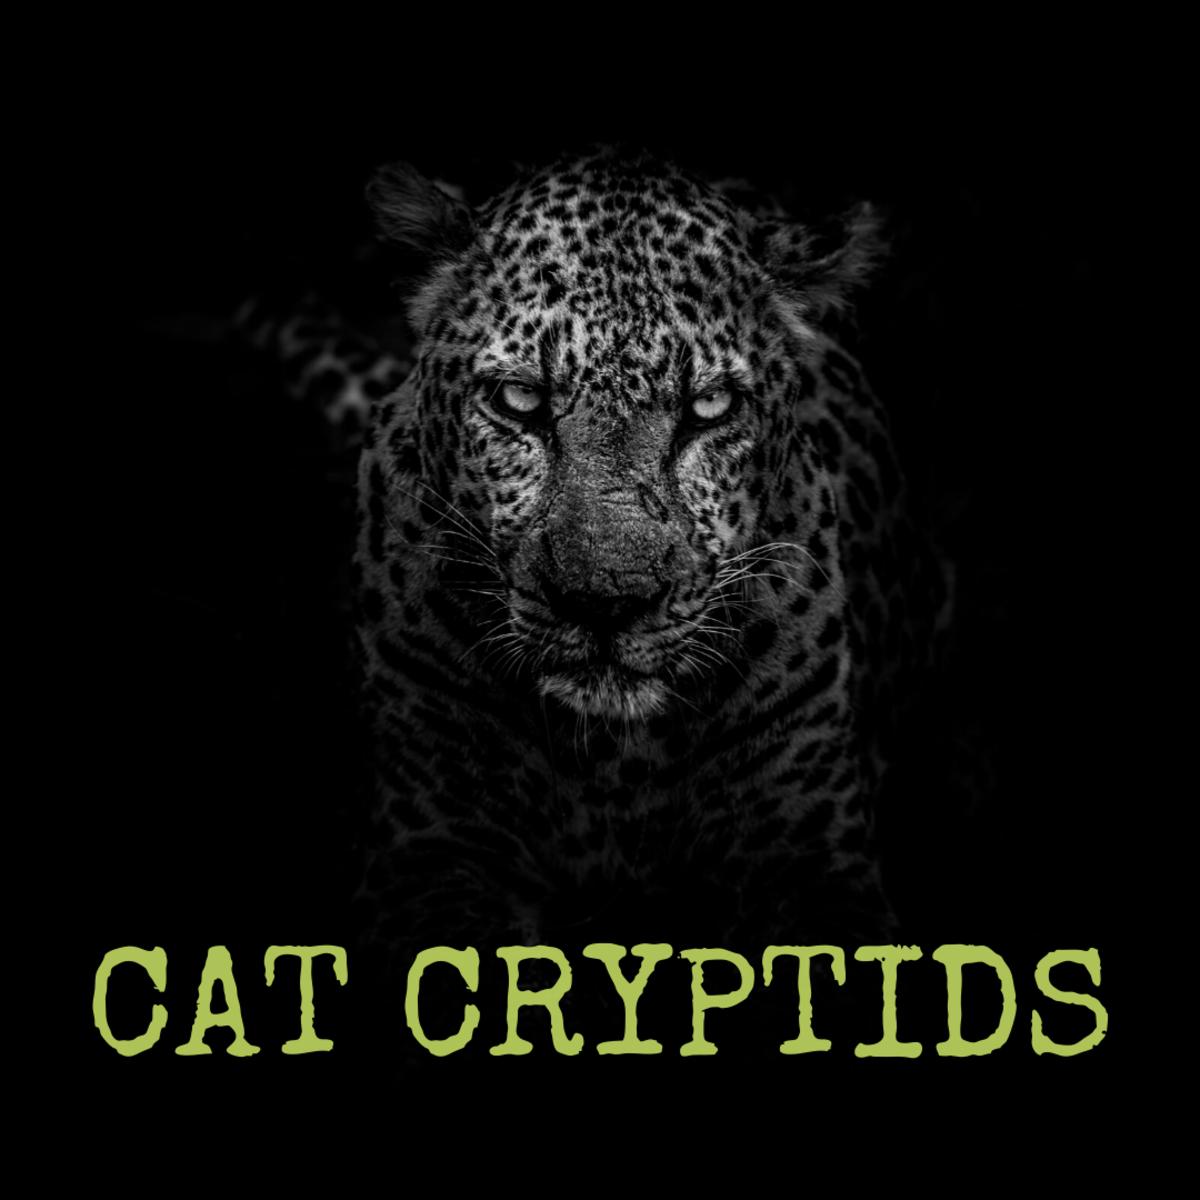 Three Cat Cryptids: White Death, Wampus Beast, and Cactus Cat